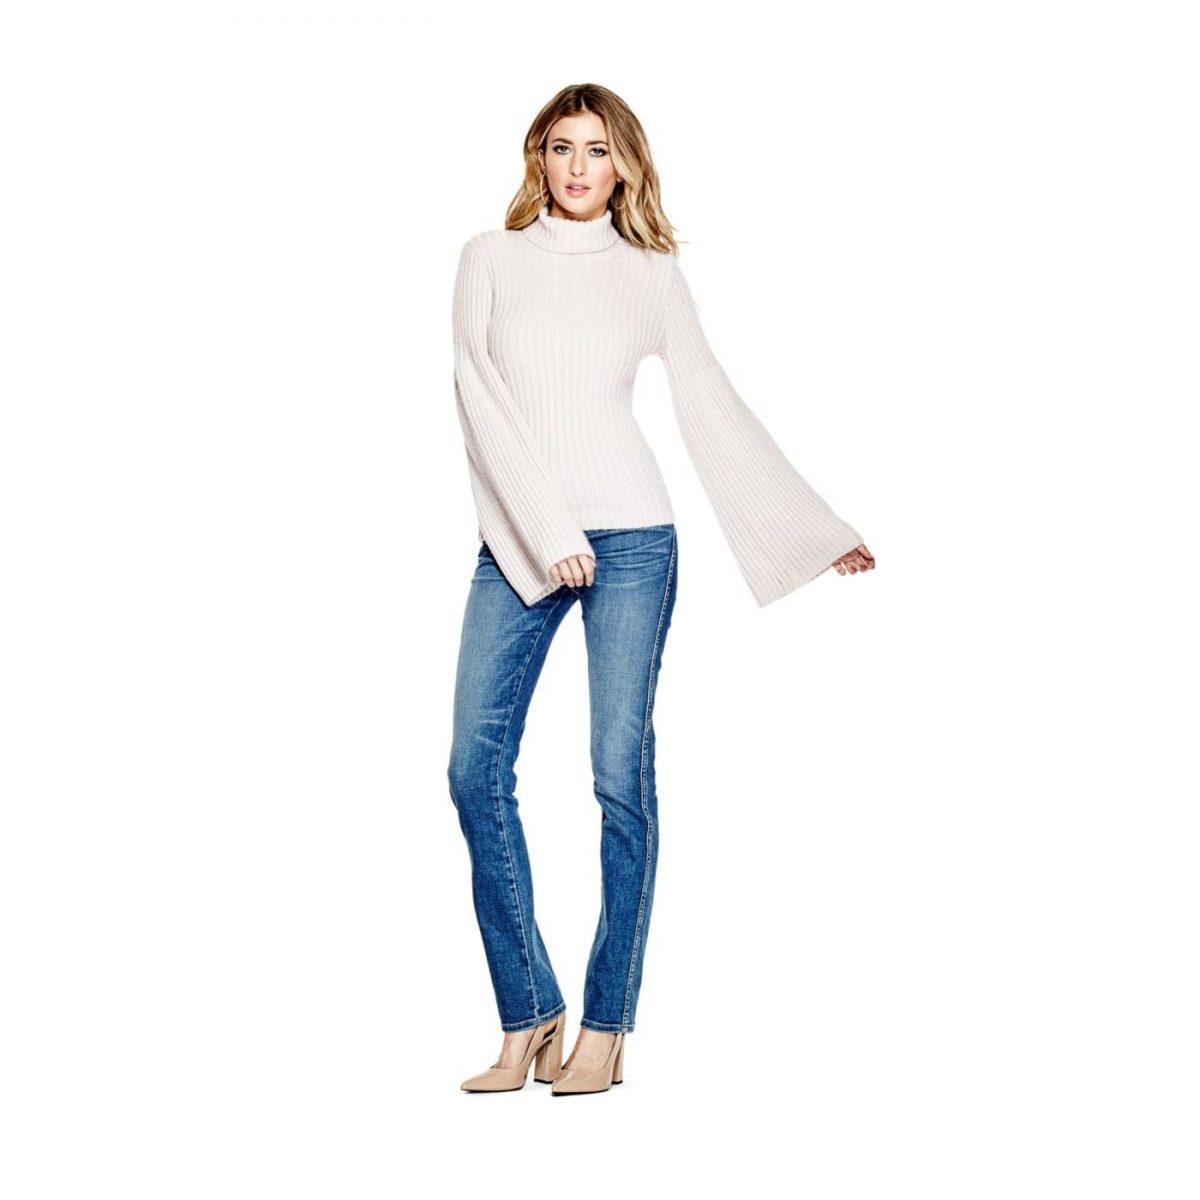 светлый свитер с расклешенными рукавами и джинсы с чем носить